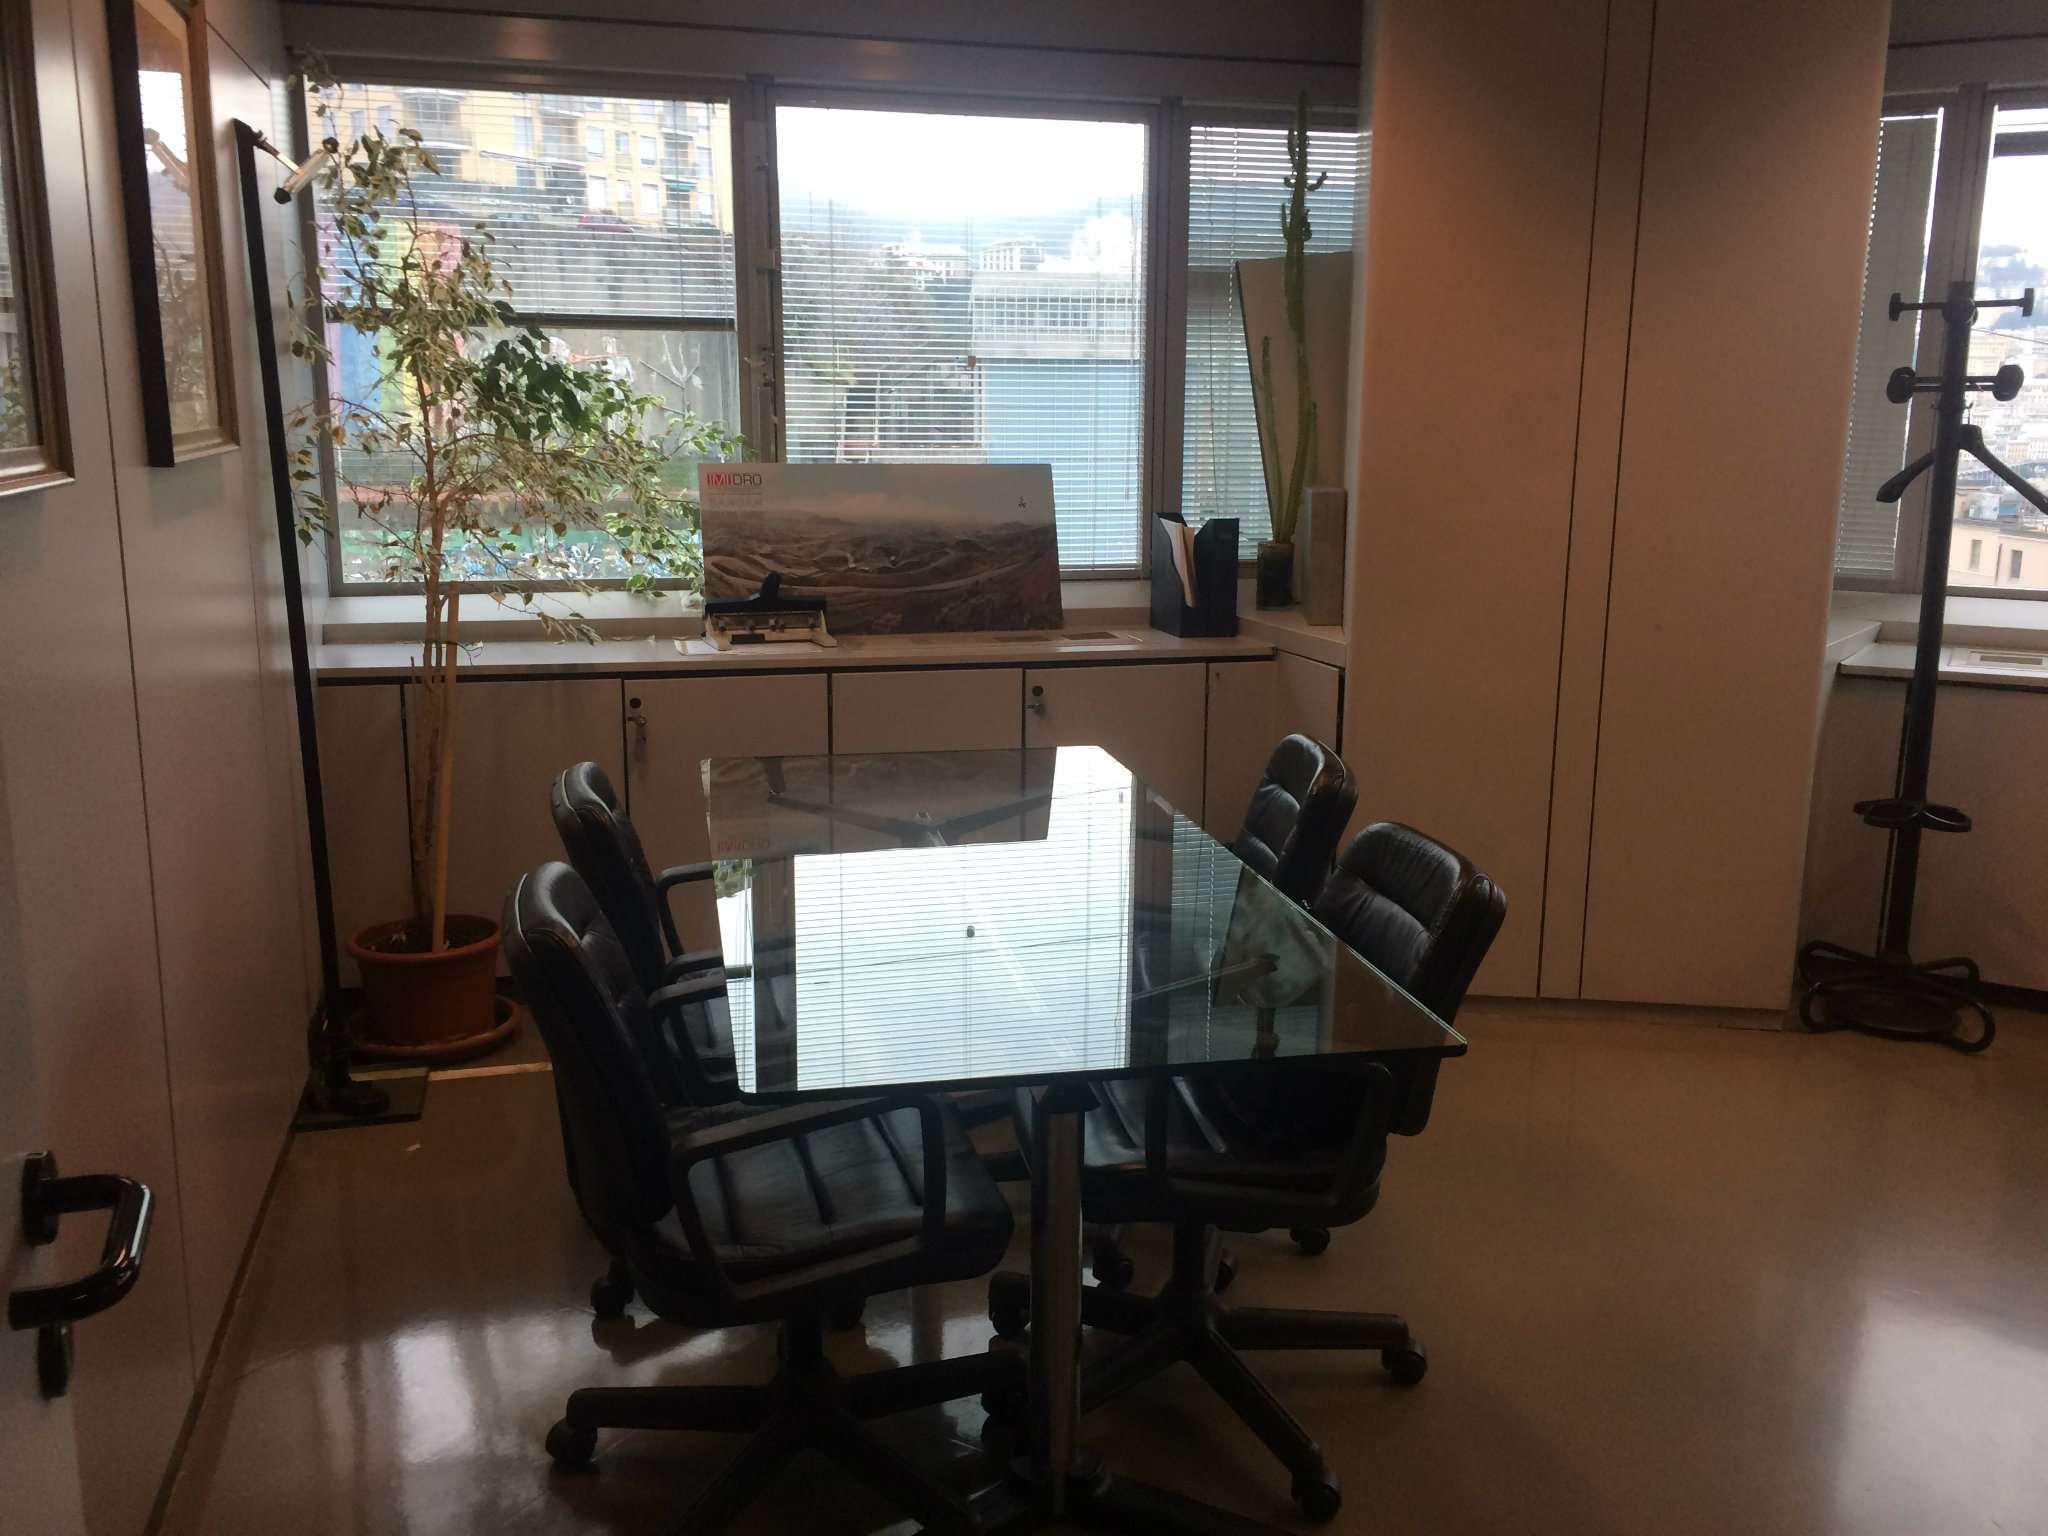 Ufficio Studio In Affitto A Genova Zona 8 Sampierdarena Certosa Rivarolo Centro Ovest Steodoro